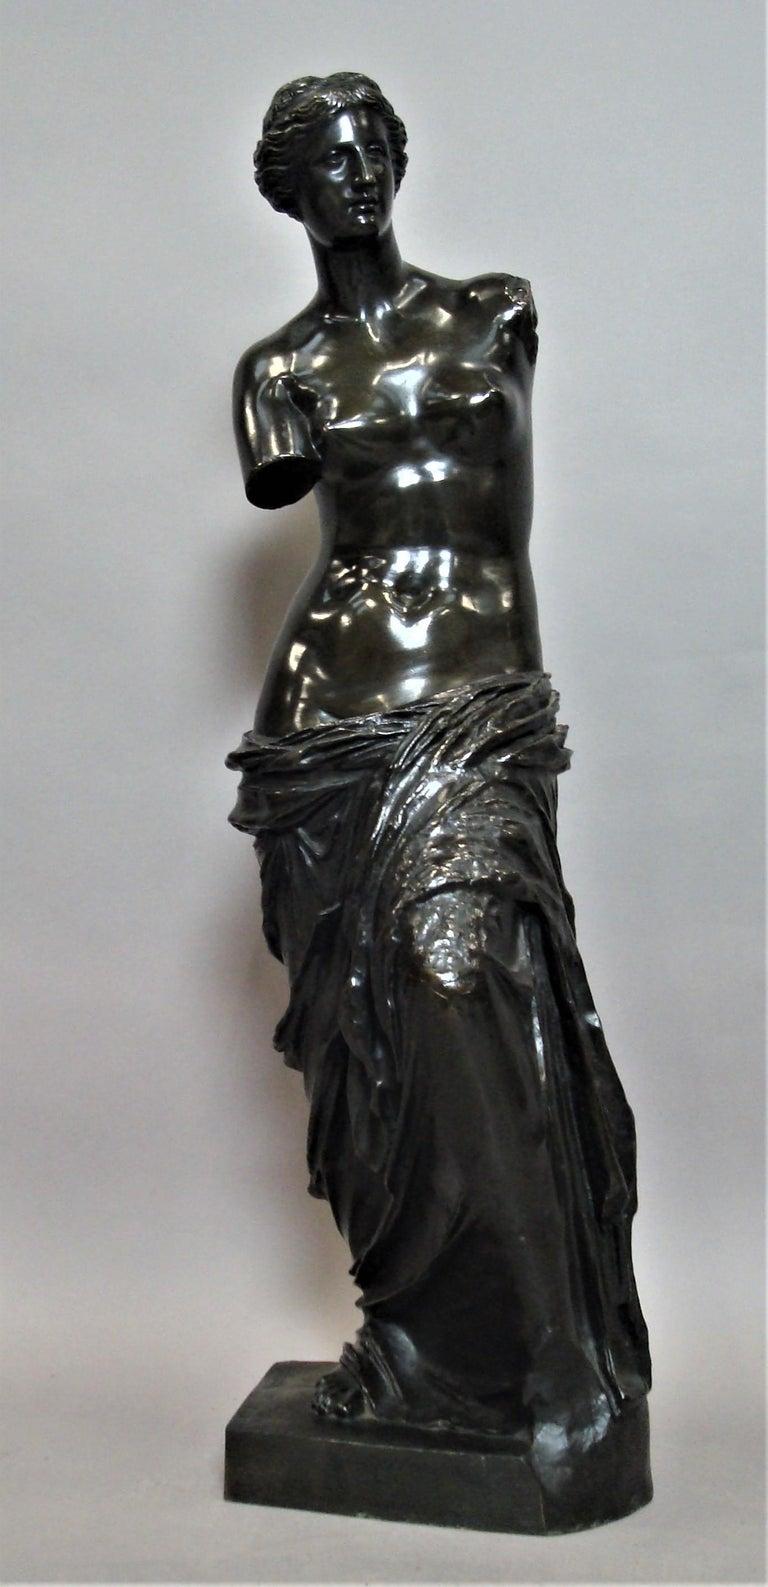 19th Century Large Bronze Grand Tour Sculpture of Venus de Milo For Sale 1